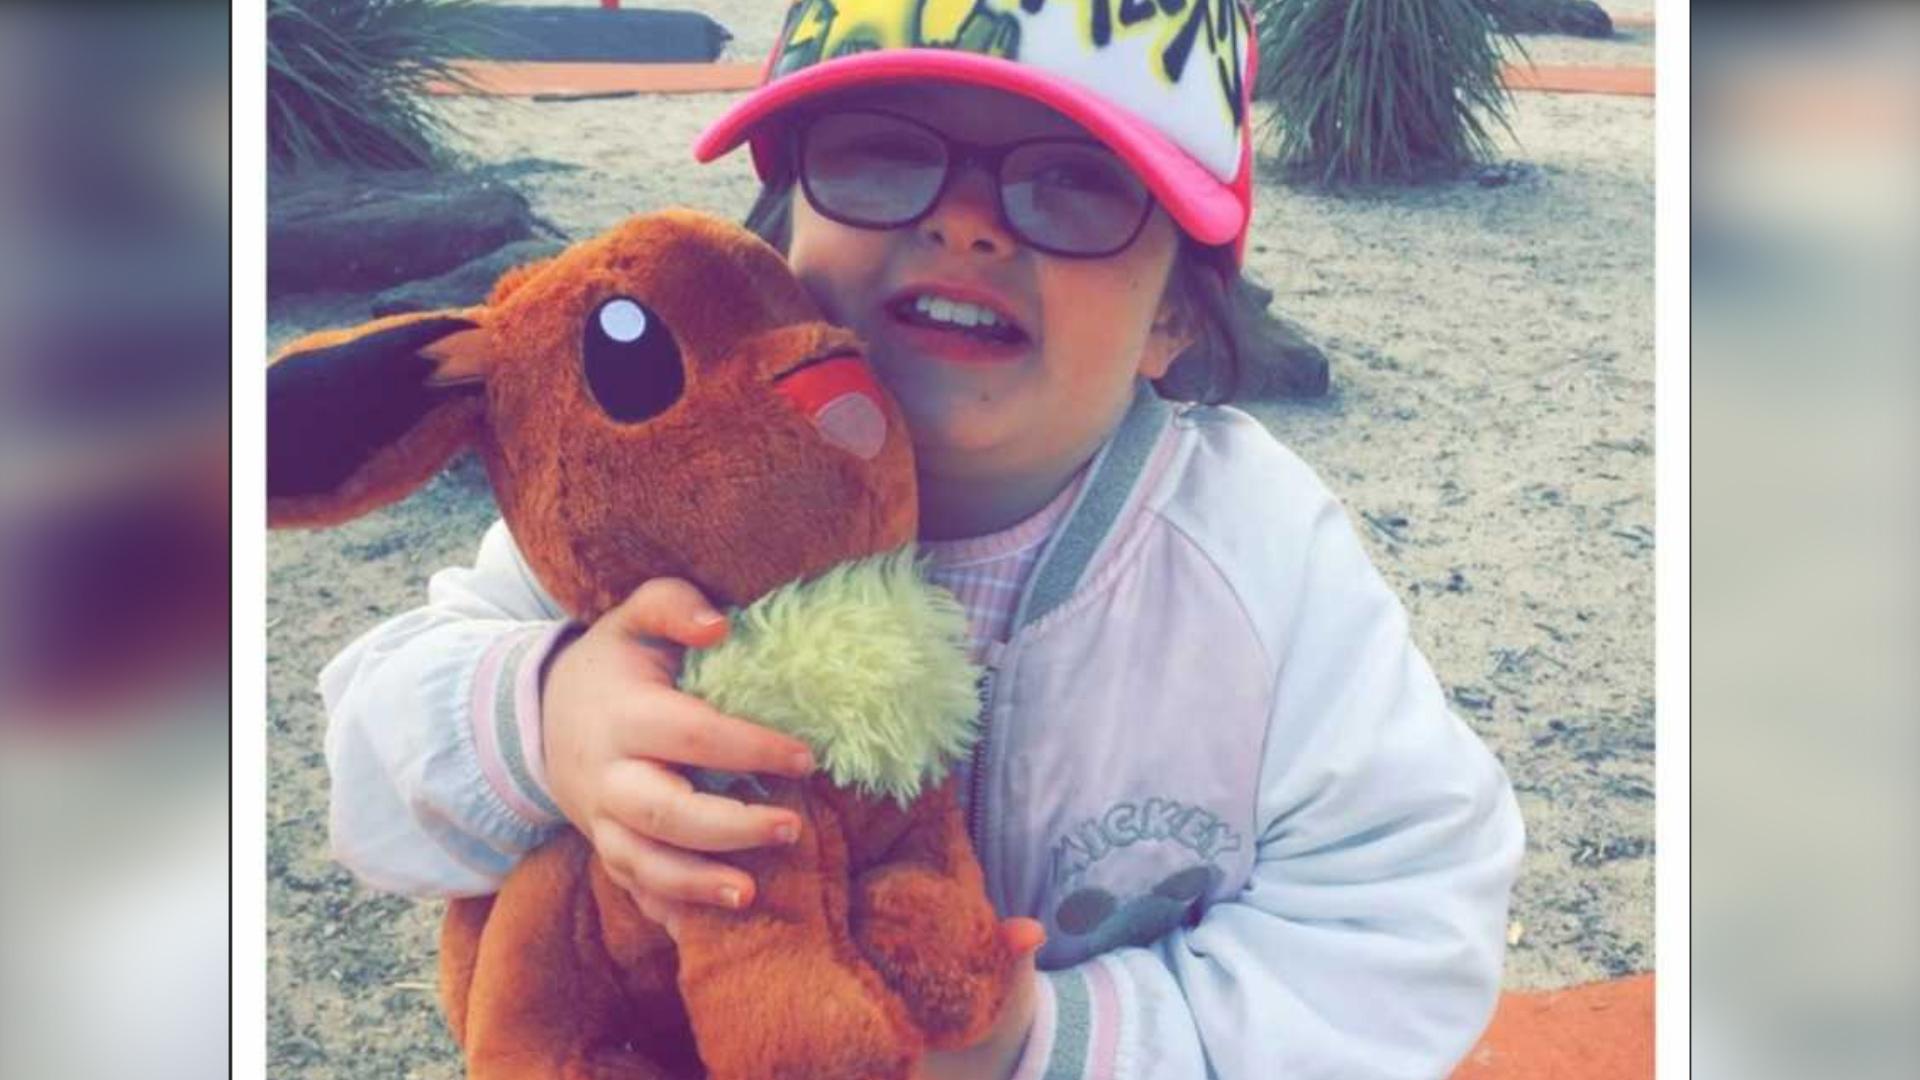 Badanie wzroku uratowało dziecku życie